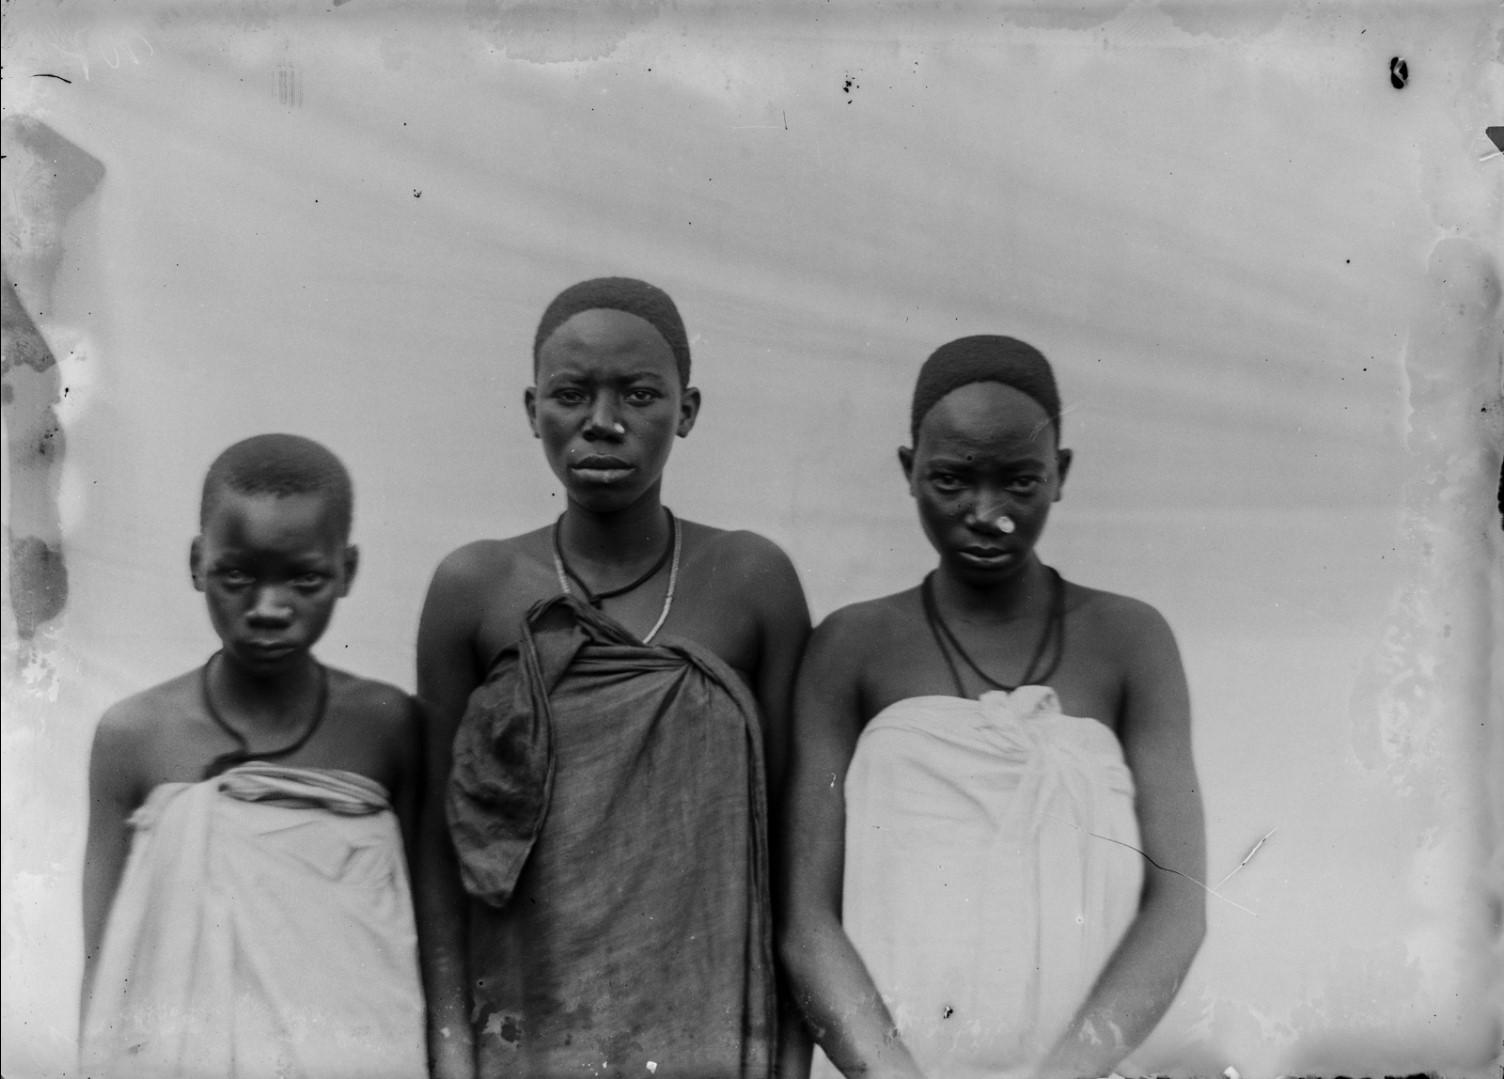 107. Антропометрическое изображение трех девушек из Ньясы.jpg